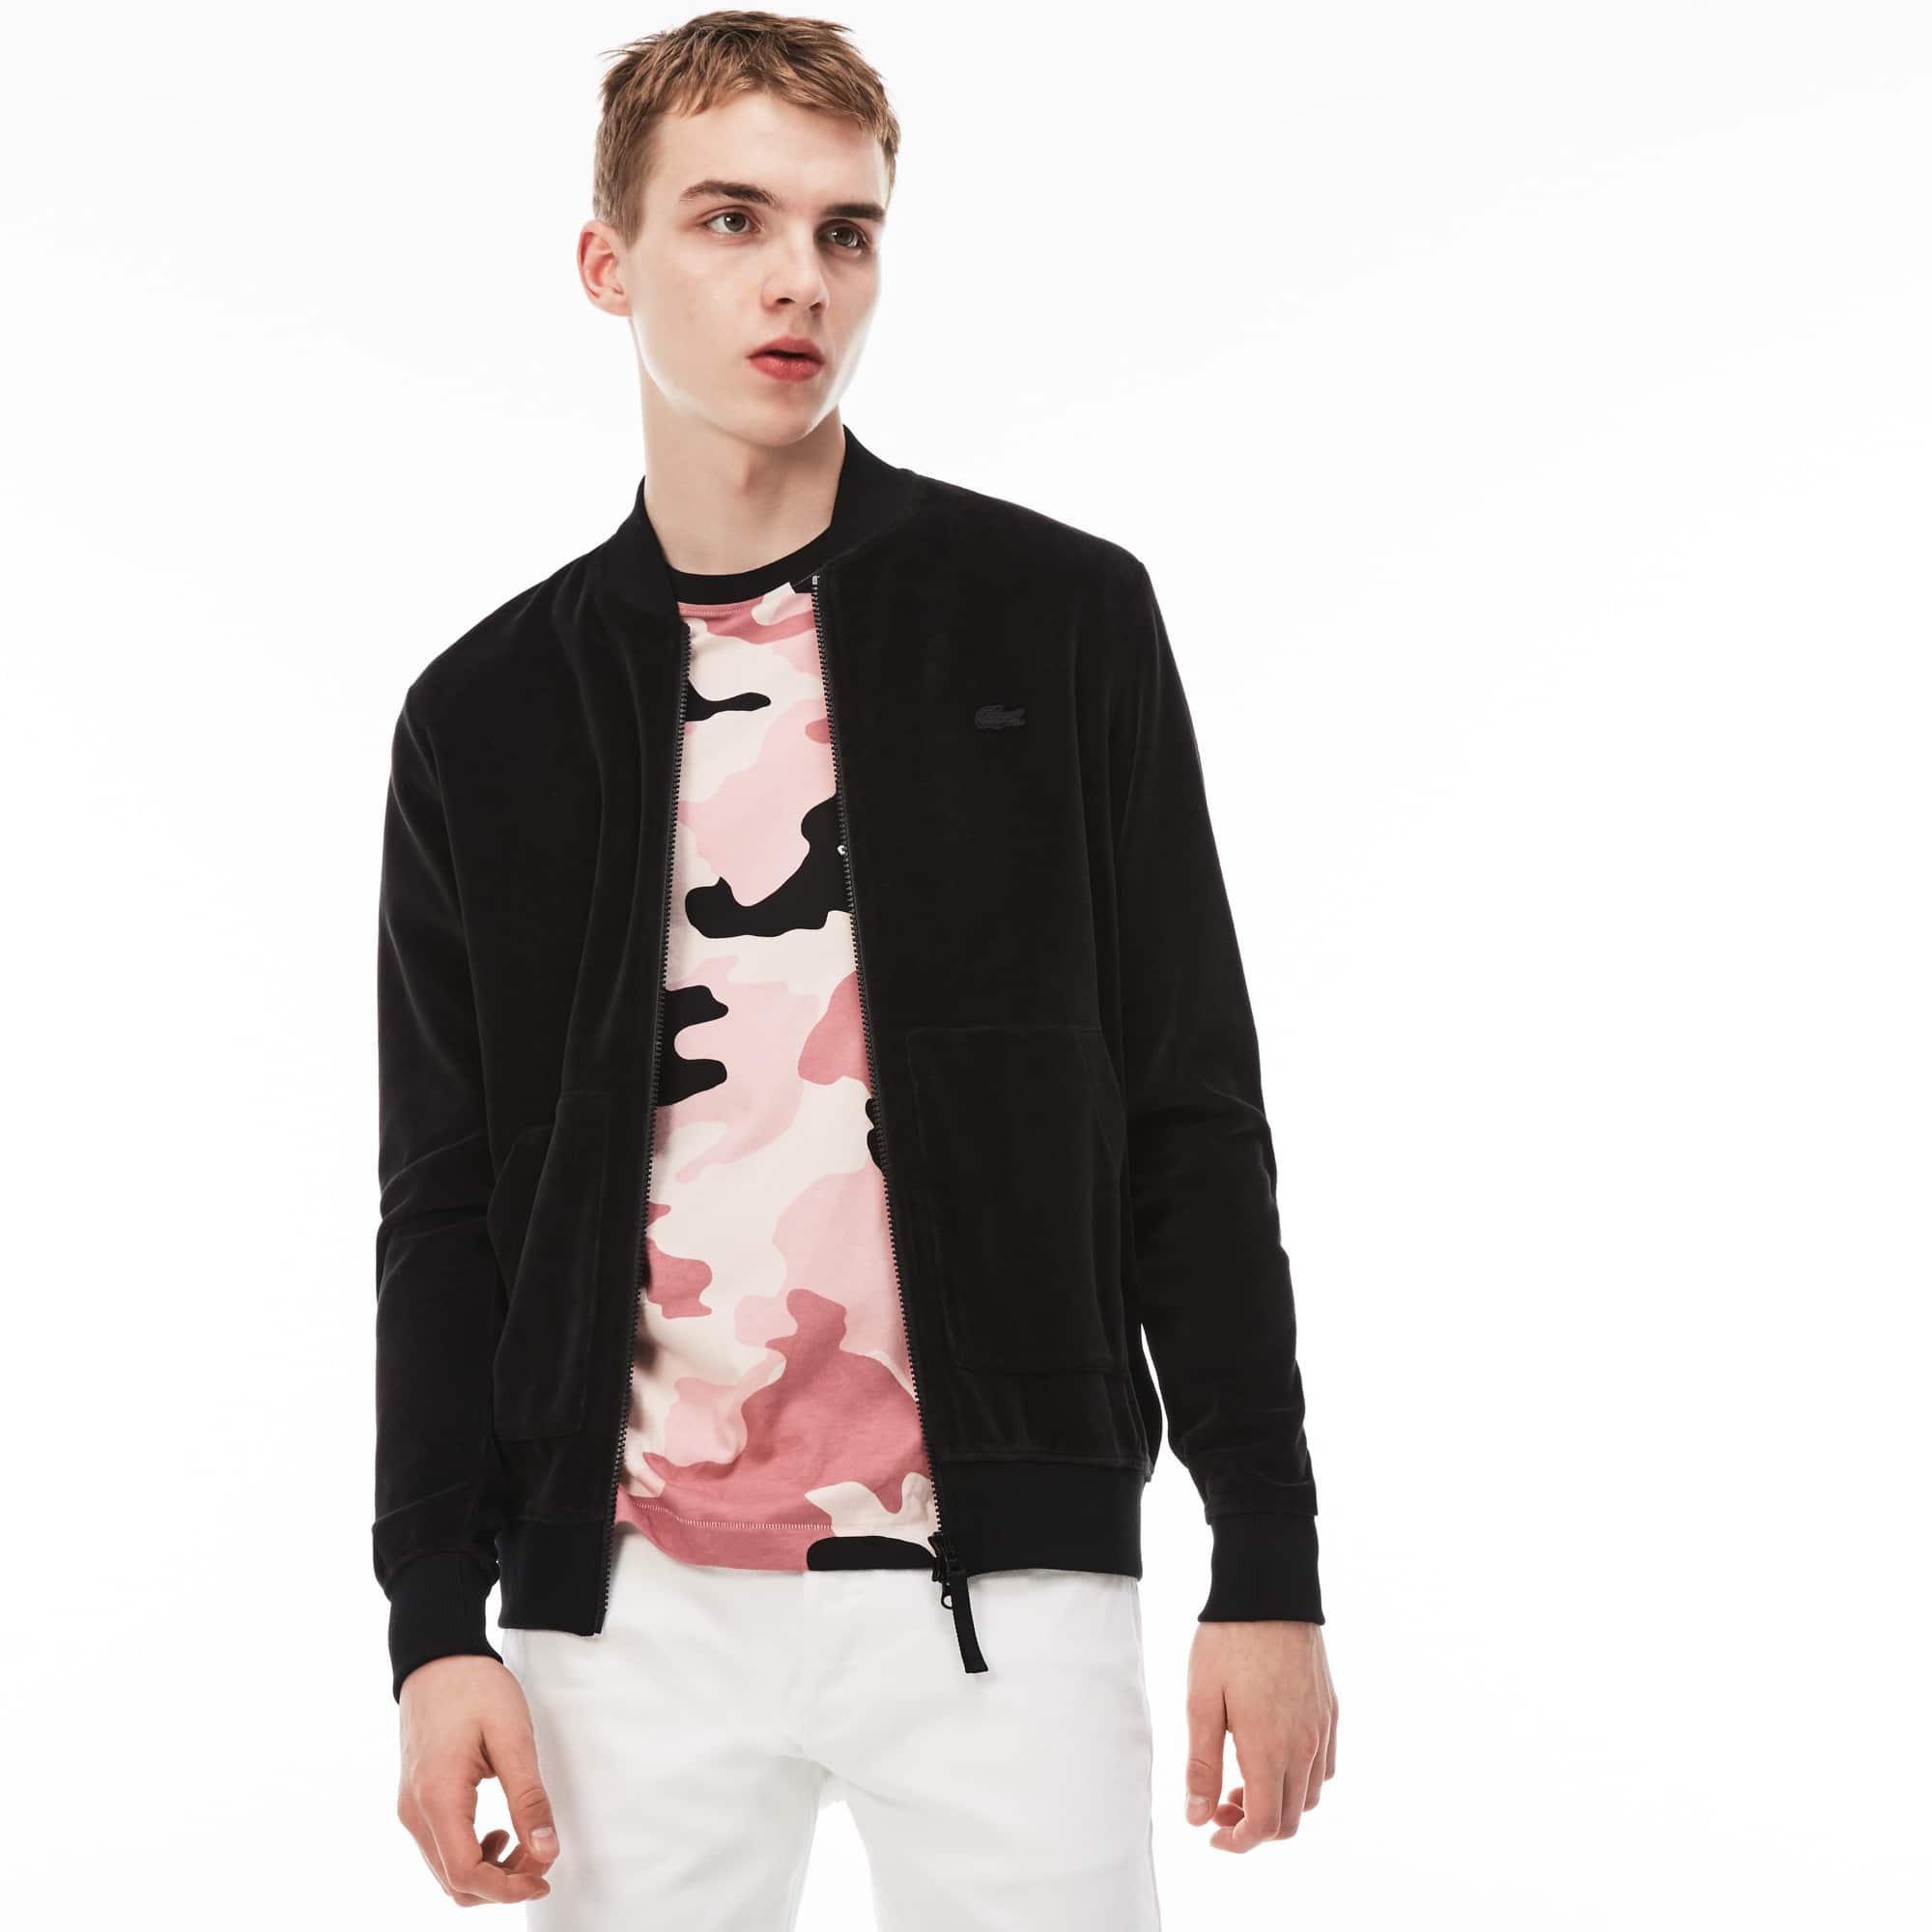 Sweatshirt com fecho de correr decote efeito blusão Lacoste LIVE em veludo unicolor